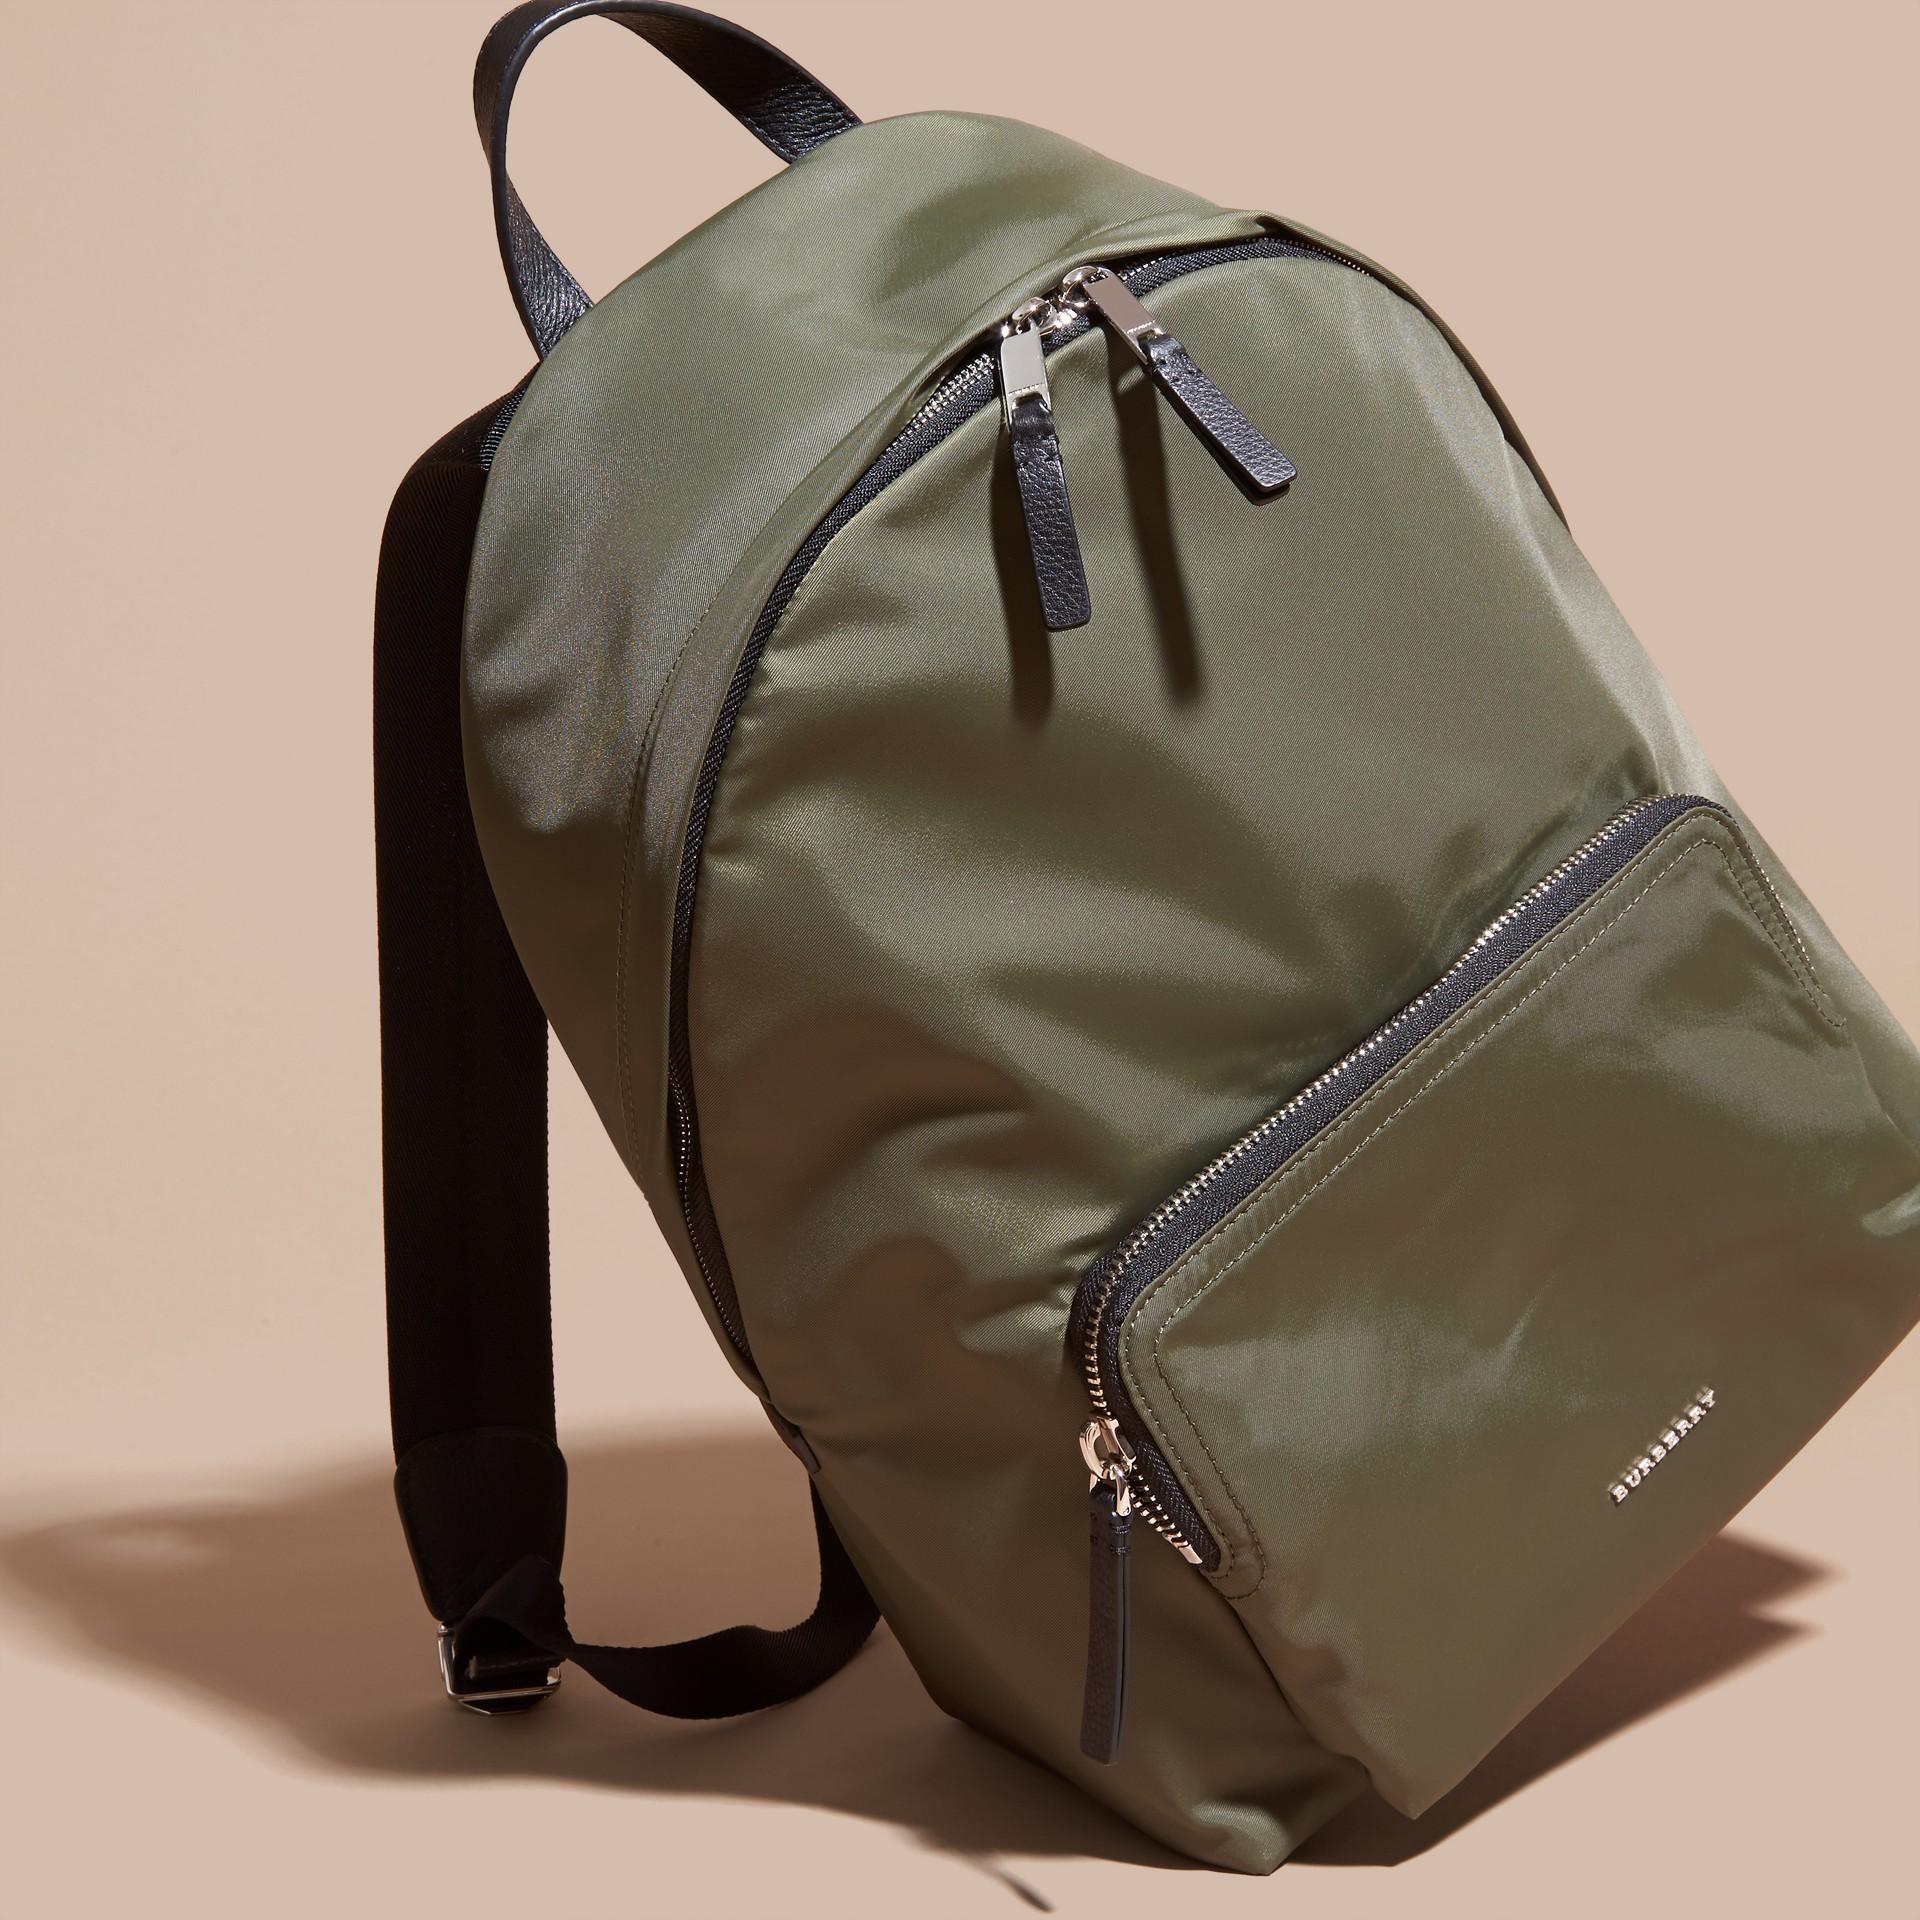 Verde tela Zaino in nylon con finiture in pelle Verde Tela - immagine della galleria 7